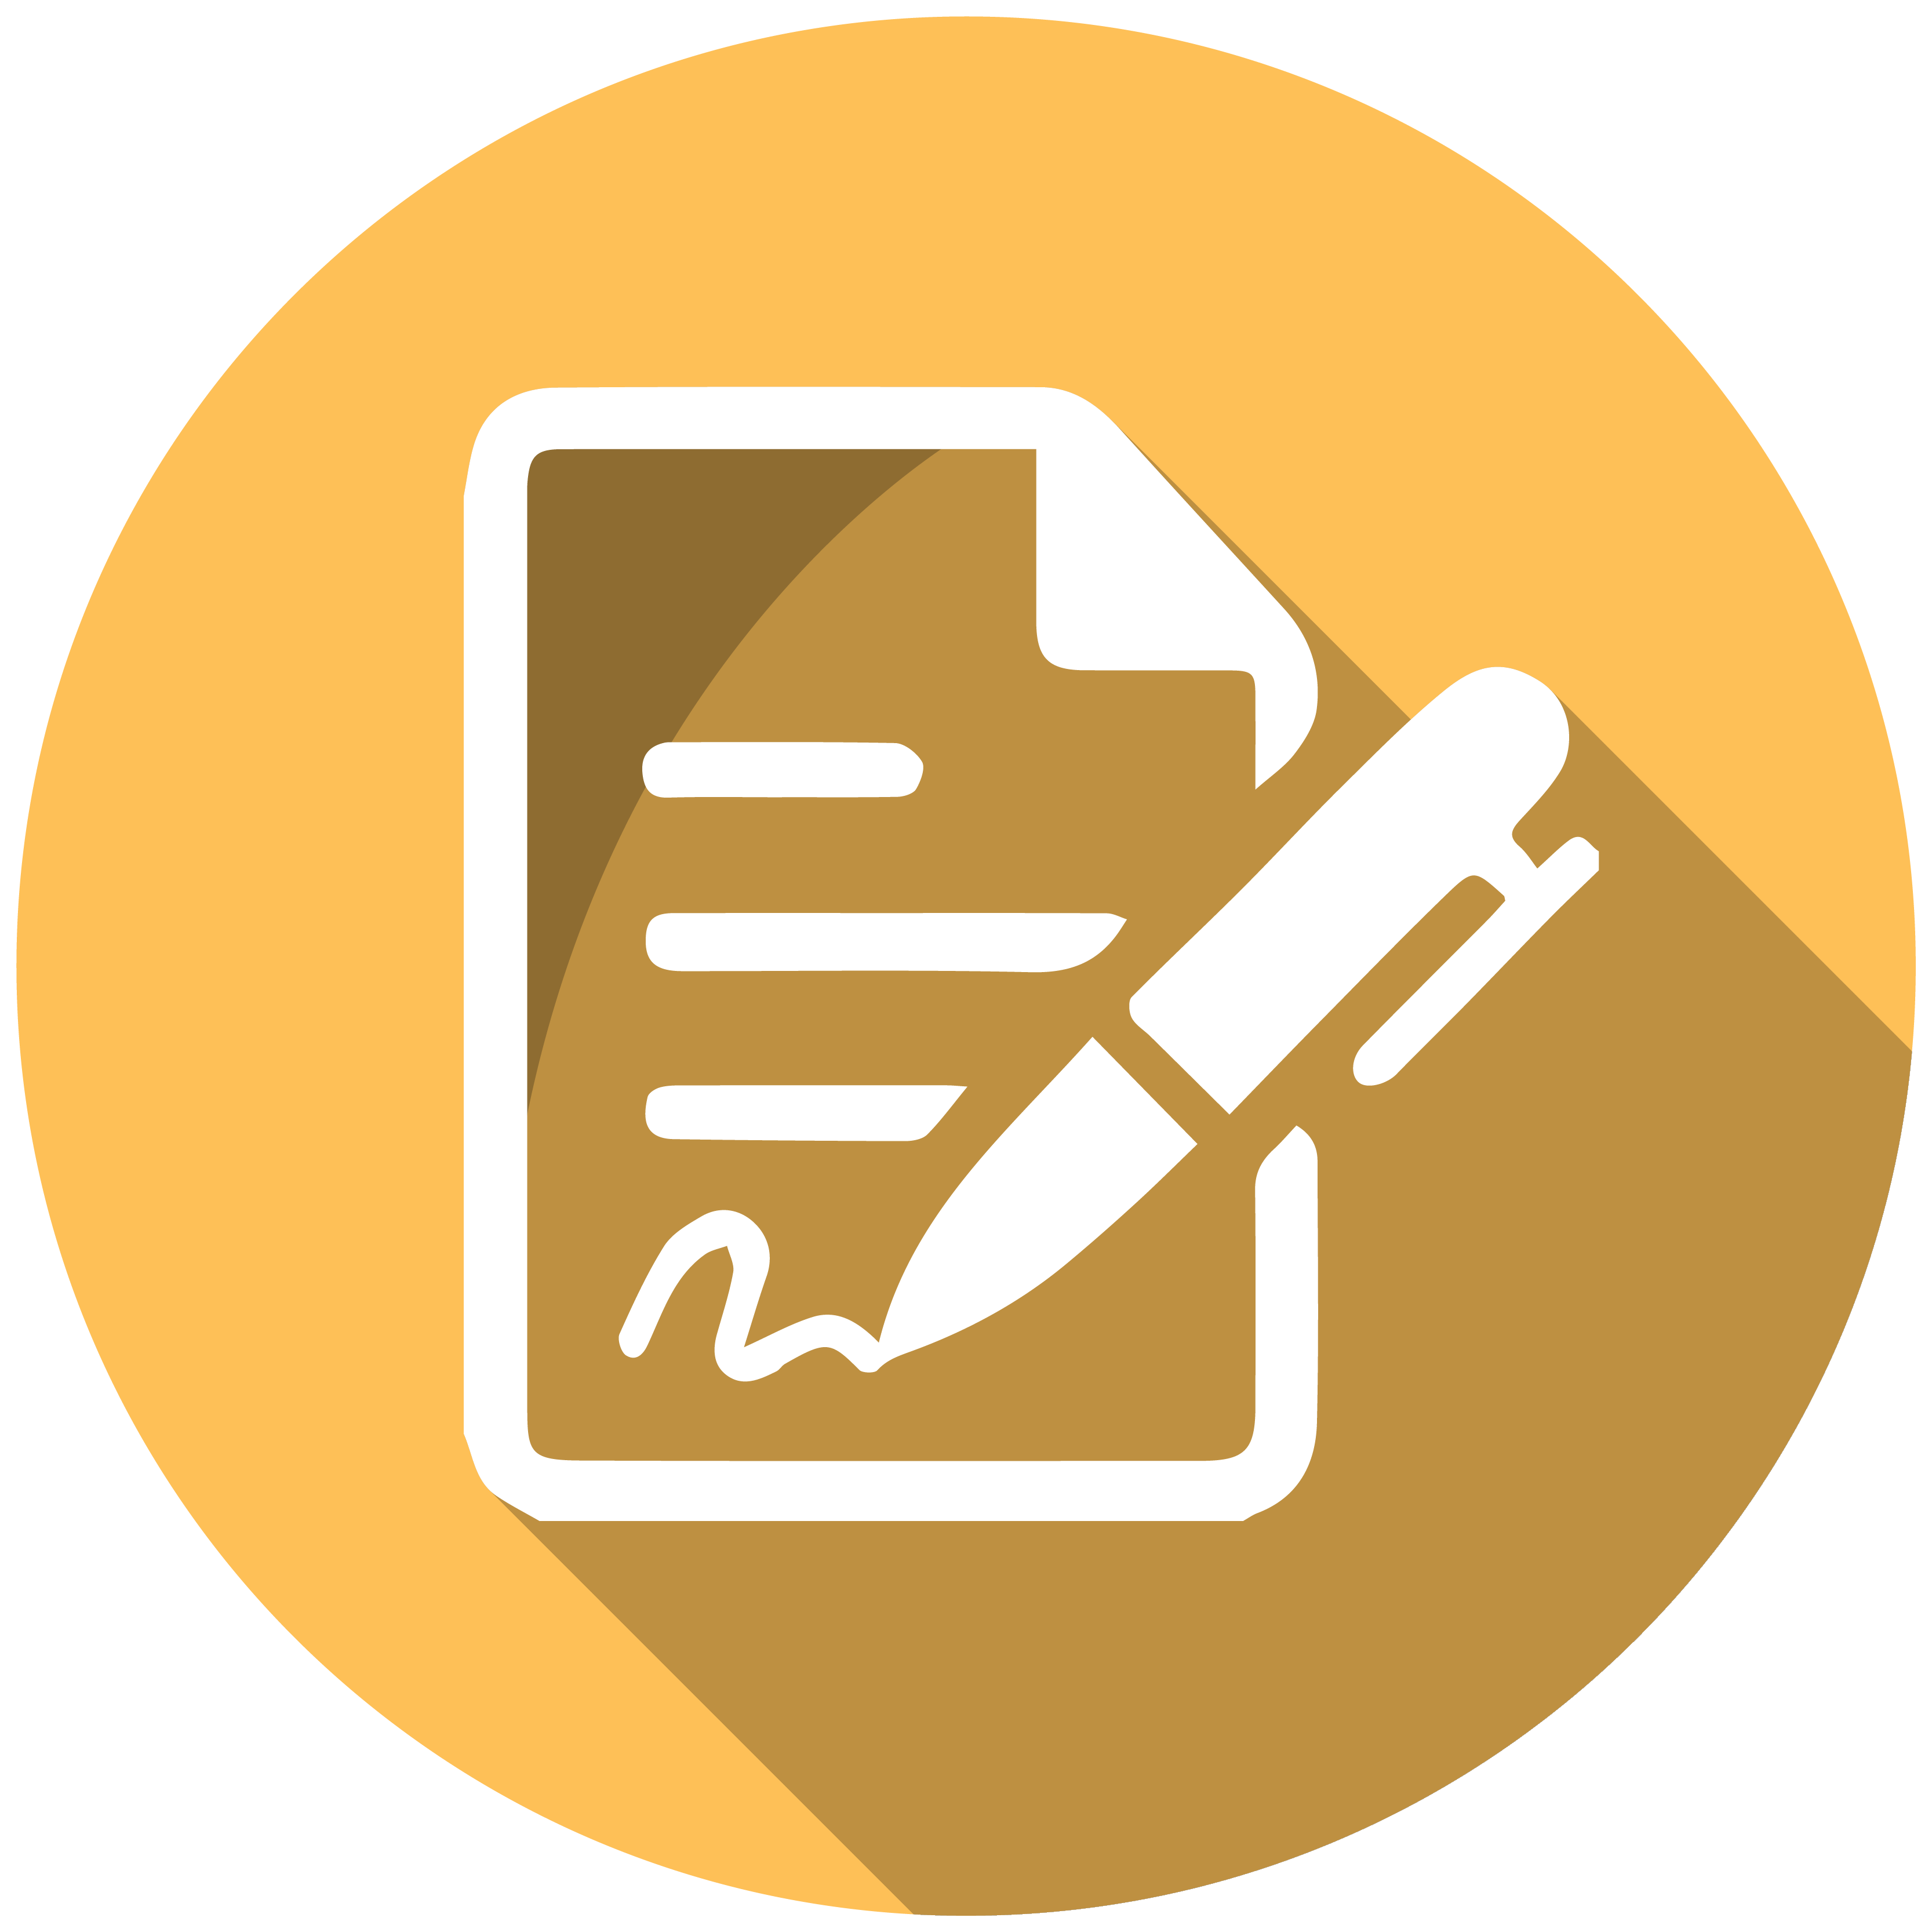 ترجمه مقاله وابستگی بین مدیریت استراتژیک و مدیریت دانش استراتژیک